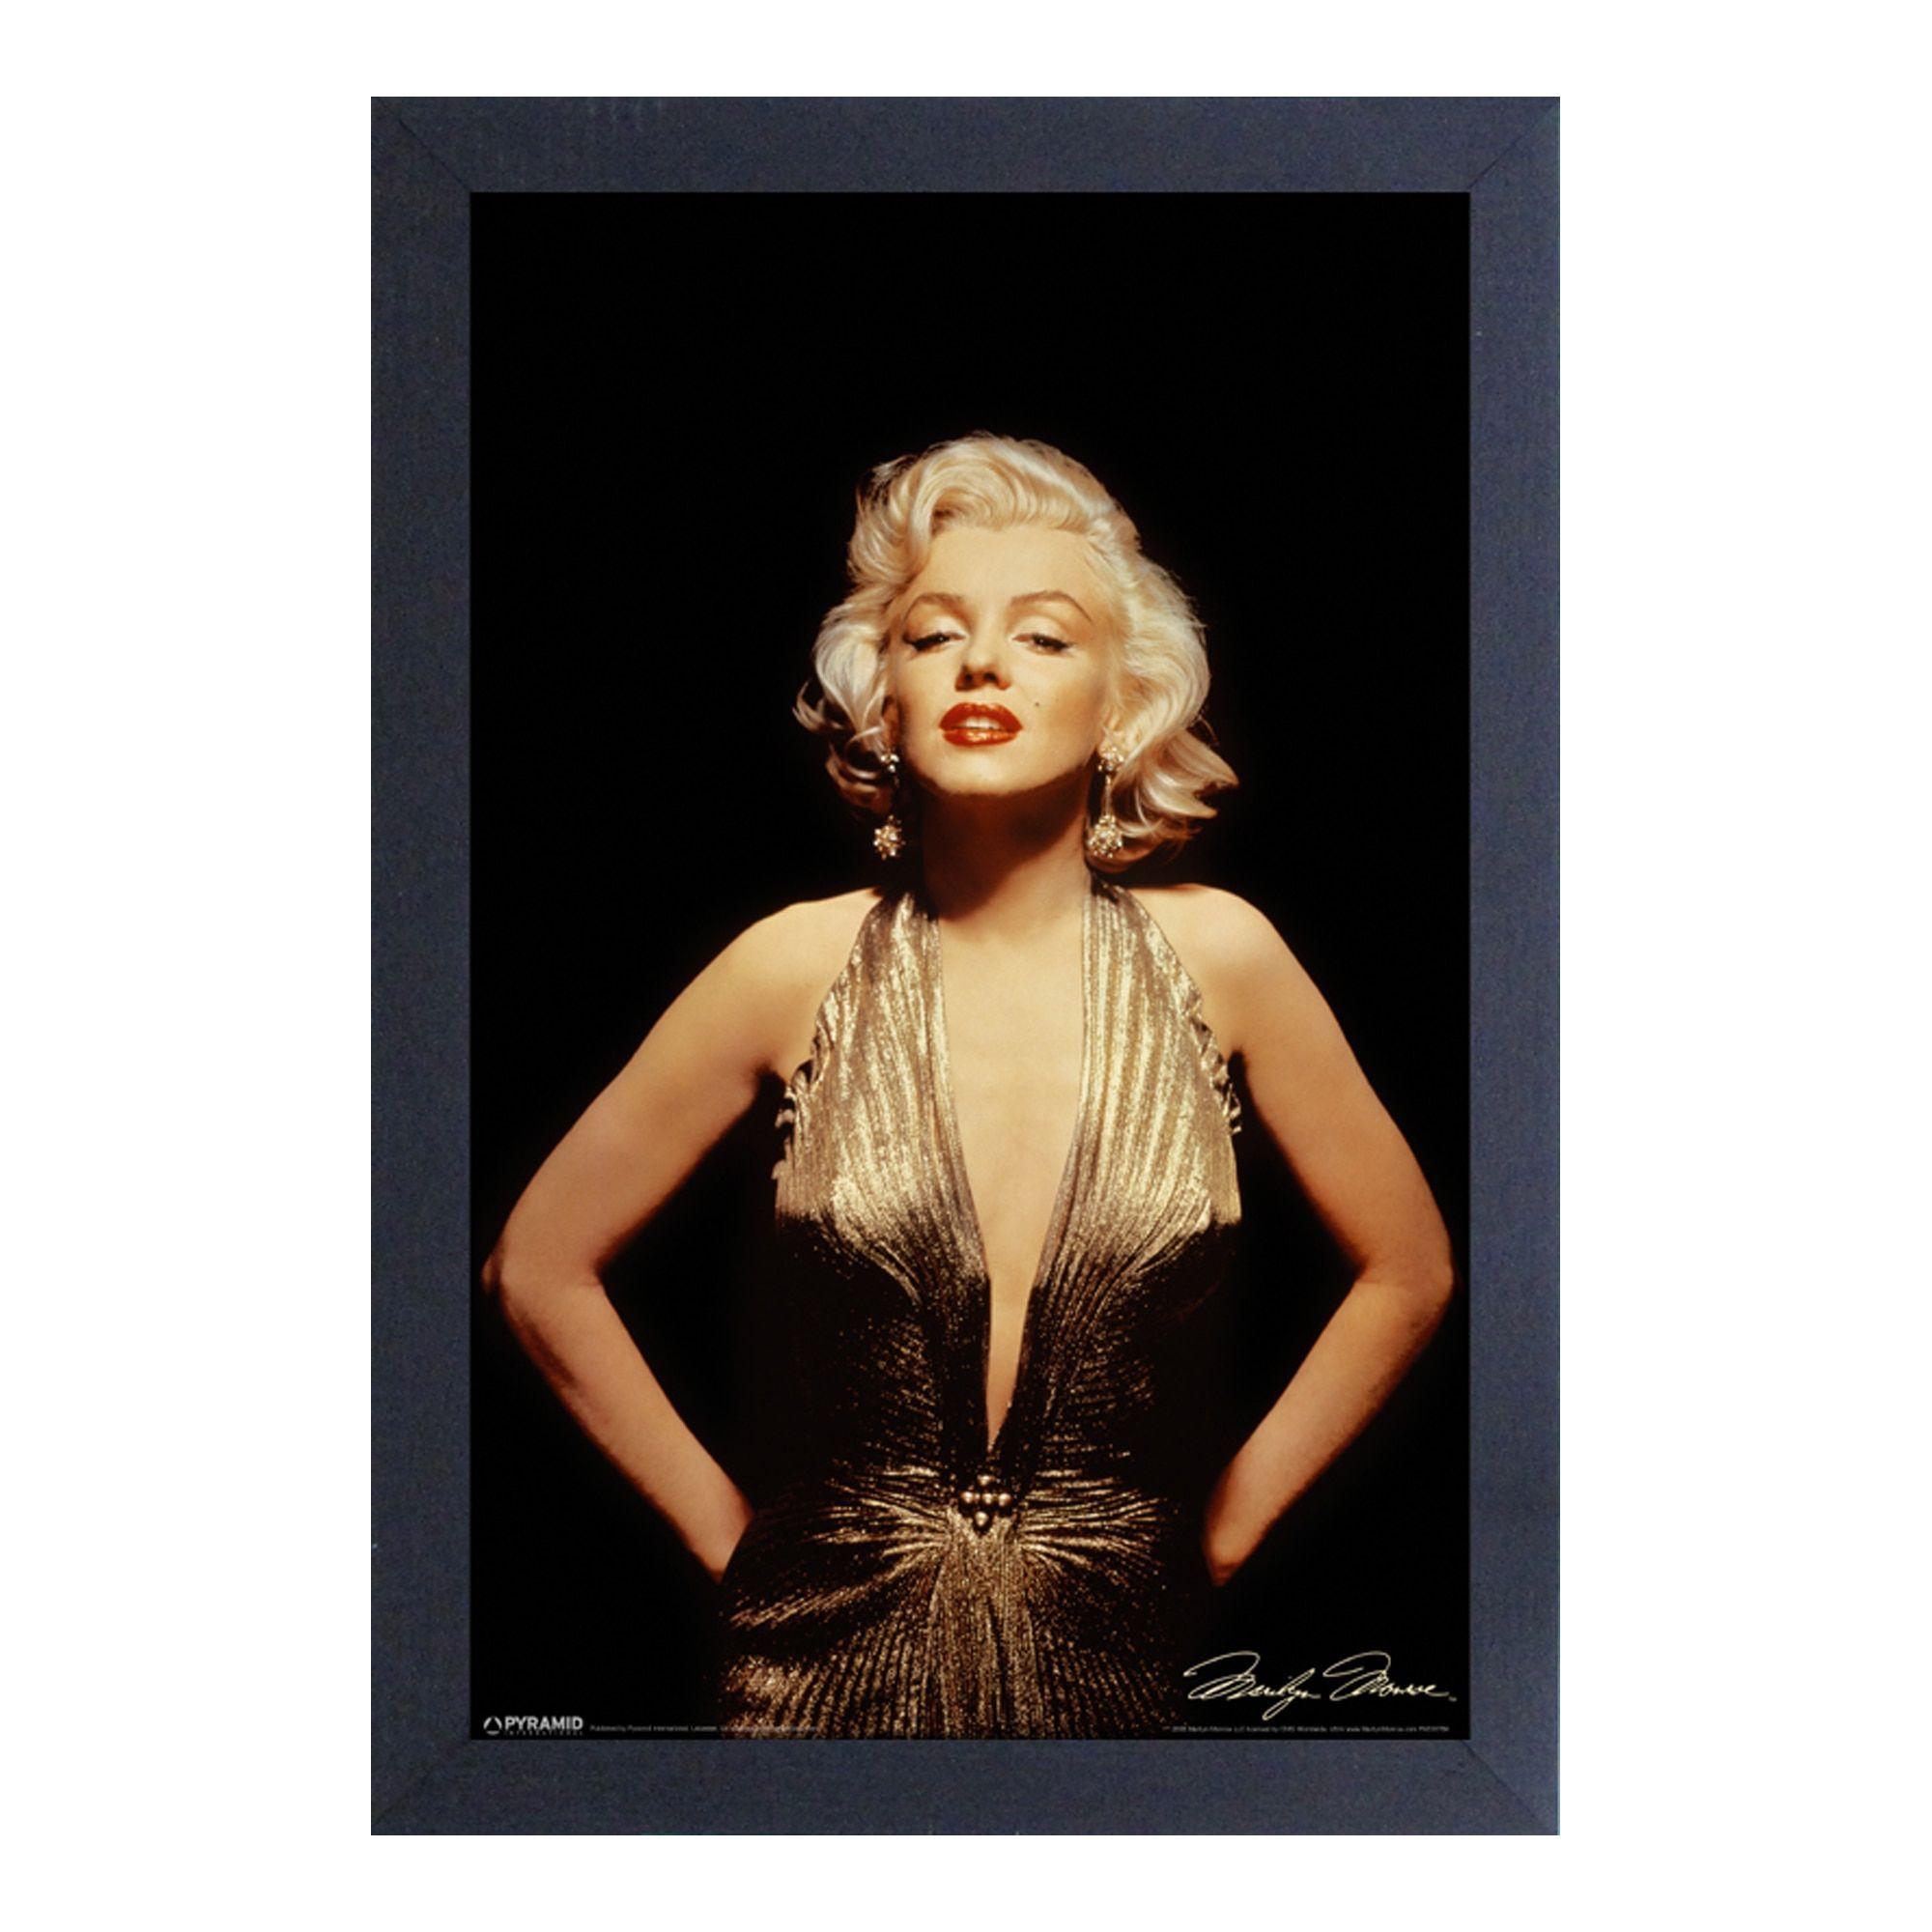 Marilyn Monroe - Gold - Framed 11x17 print by Pyramid America ...